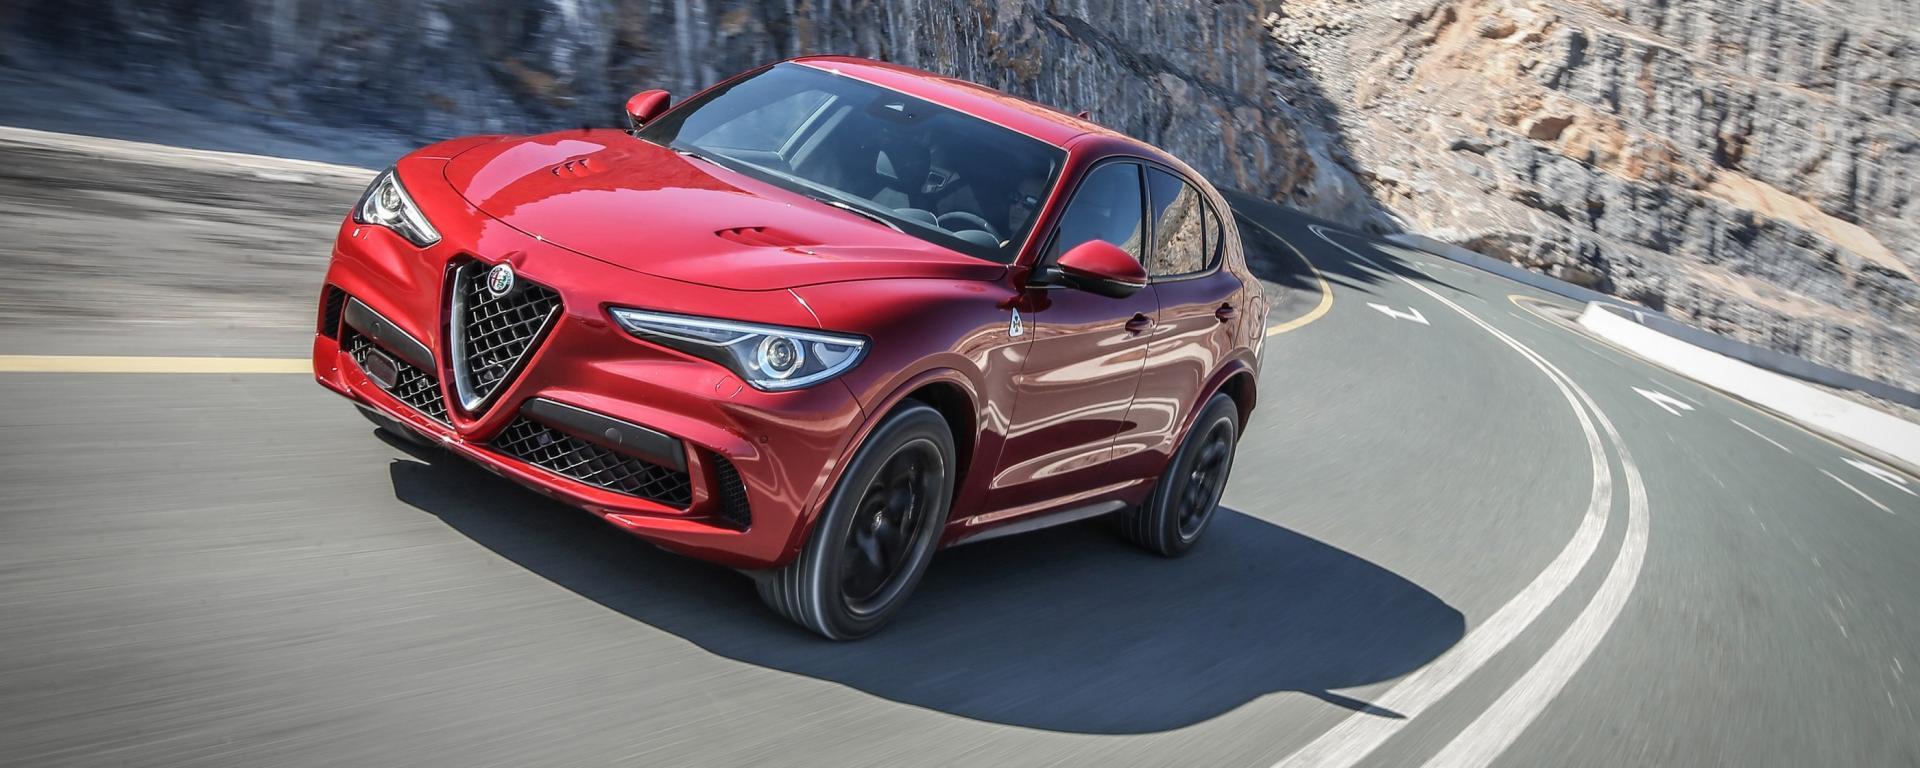 Alfa Romeo Stelvio Quadrifoglio: per i tedeschi è il suv dell'anno